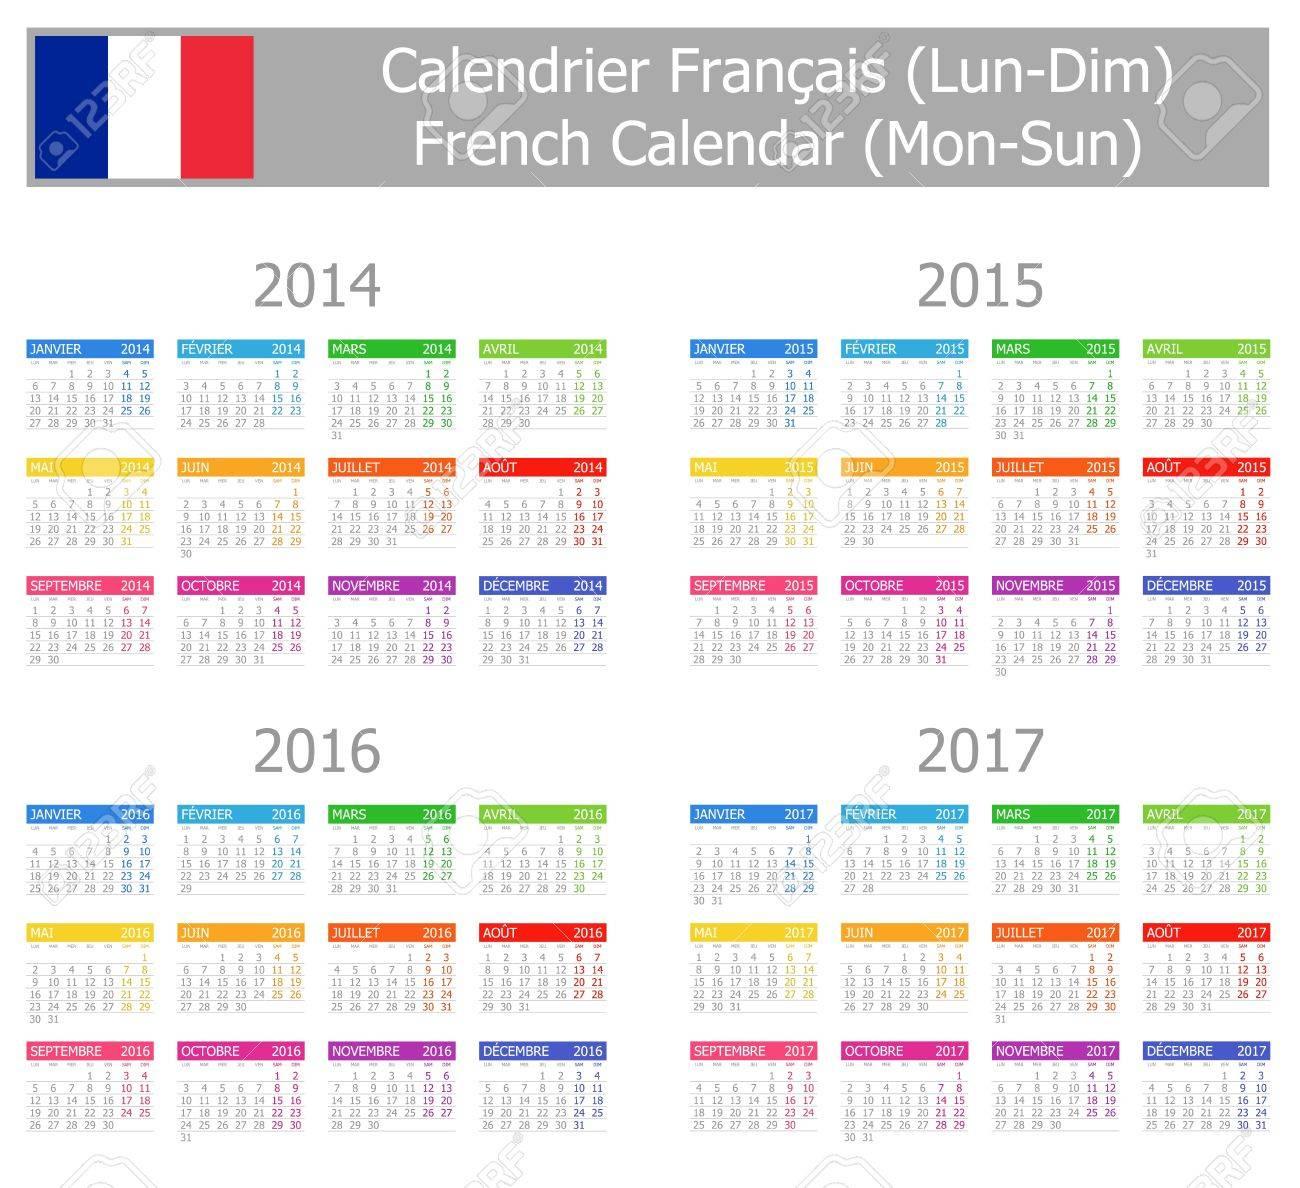 Calendario Frances.2014 2017 Tipo 1 Calendario Frances Lu Do